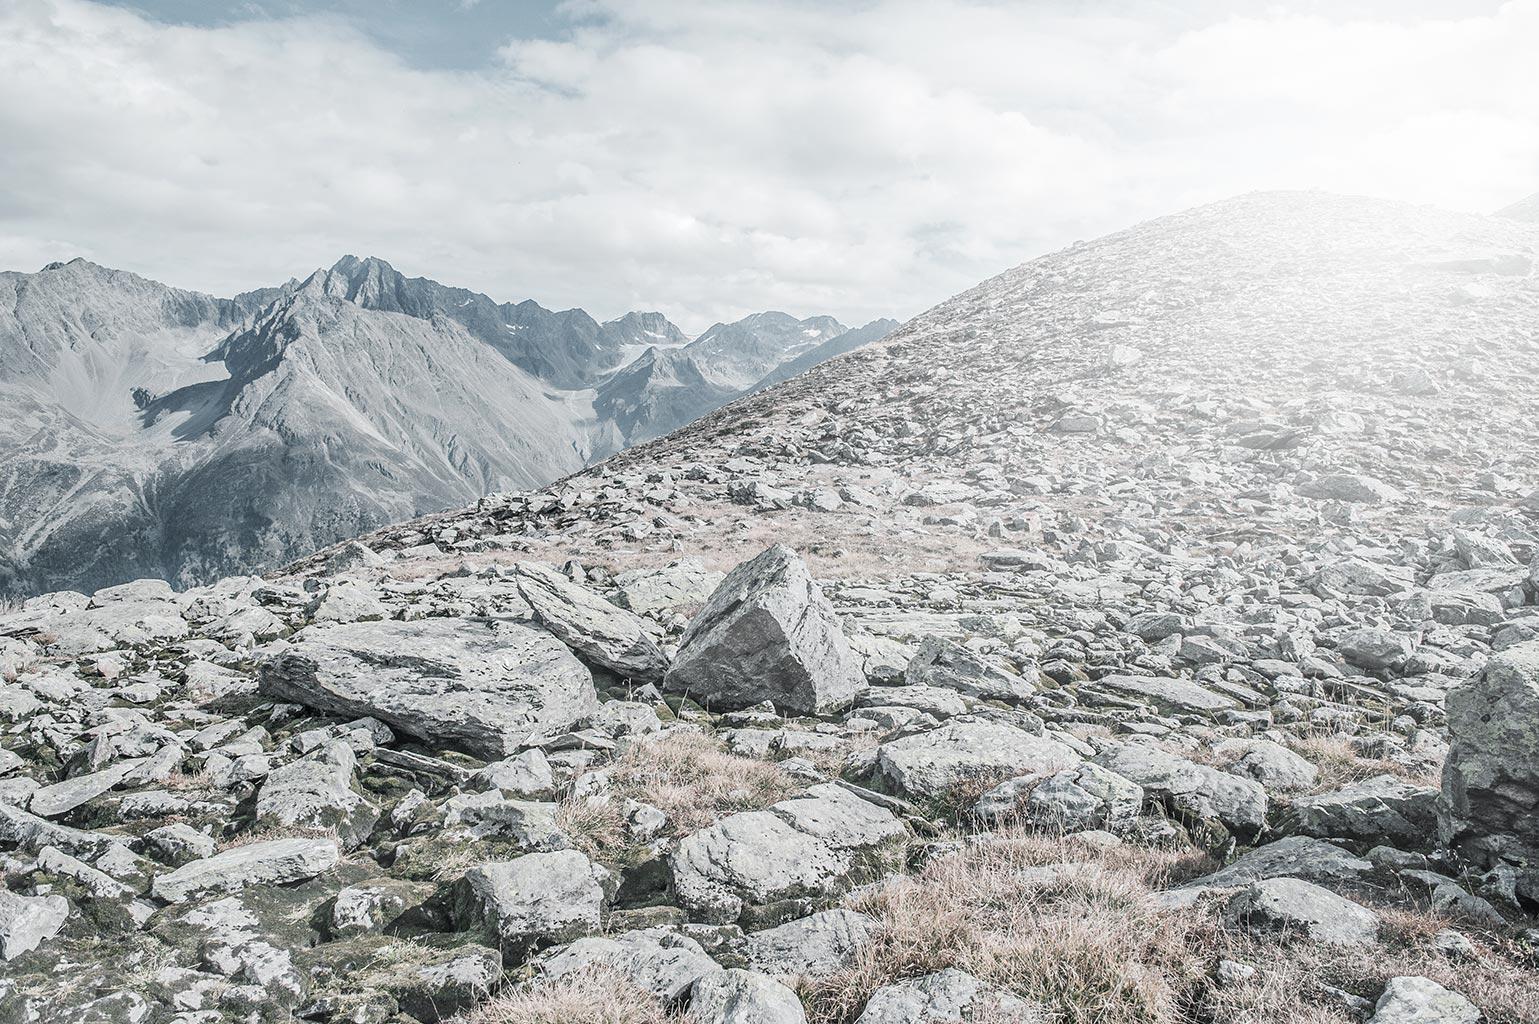 Landscape_blue_mountain_03_Harry_Koester_Landschaftsfotograf